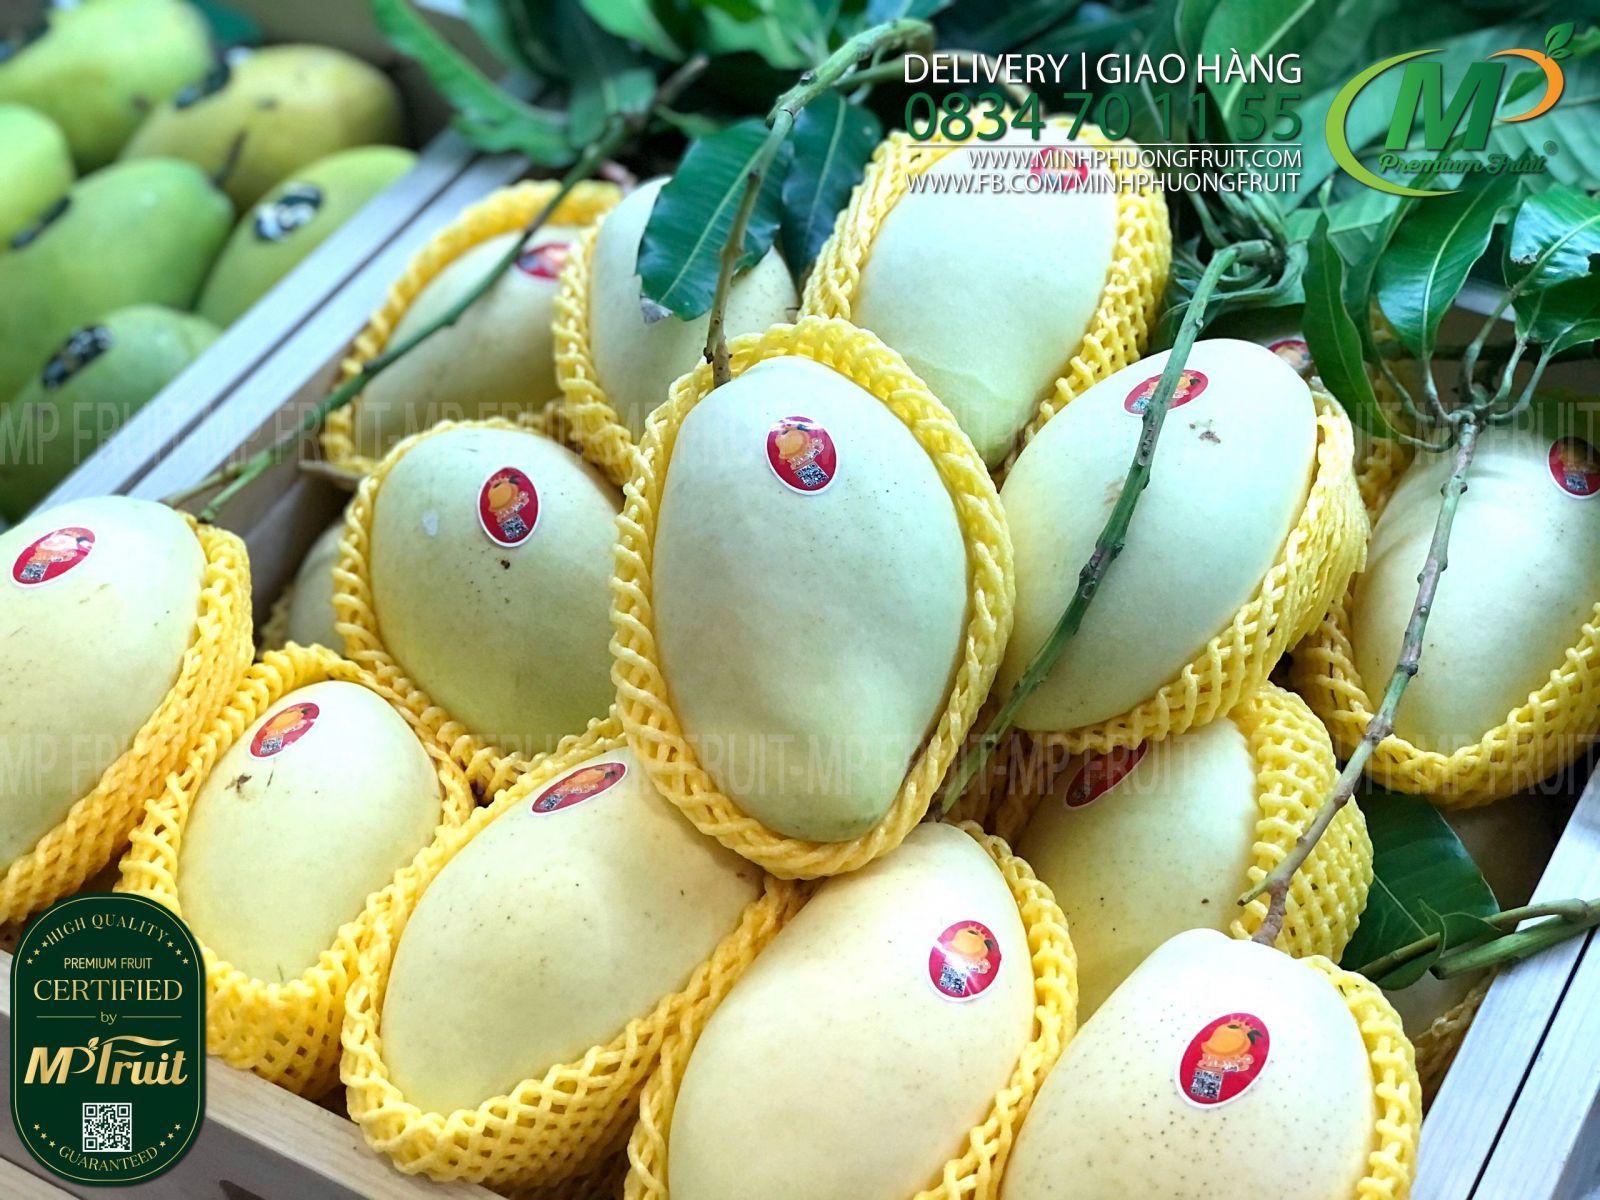 Xoài Cát Hòa Lộc Da Vàng Mango King tại MP Fruit